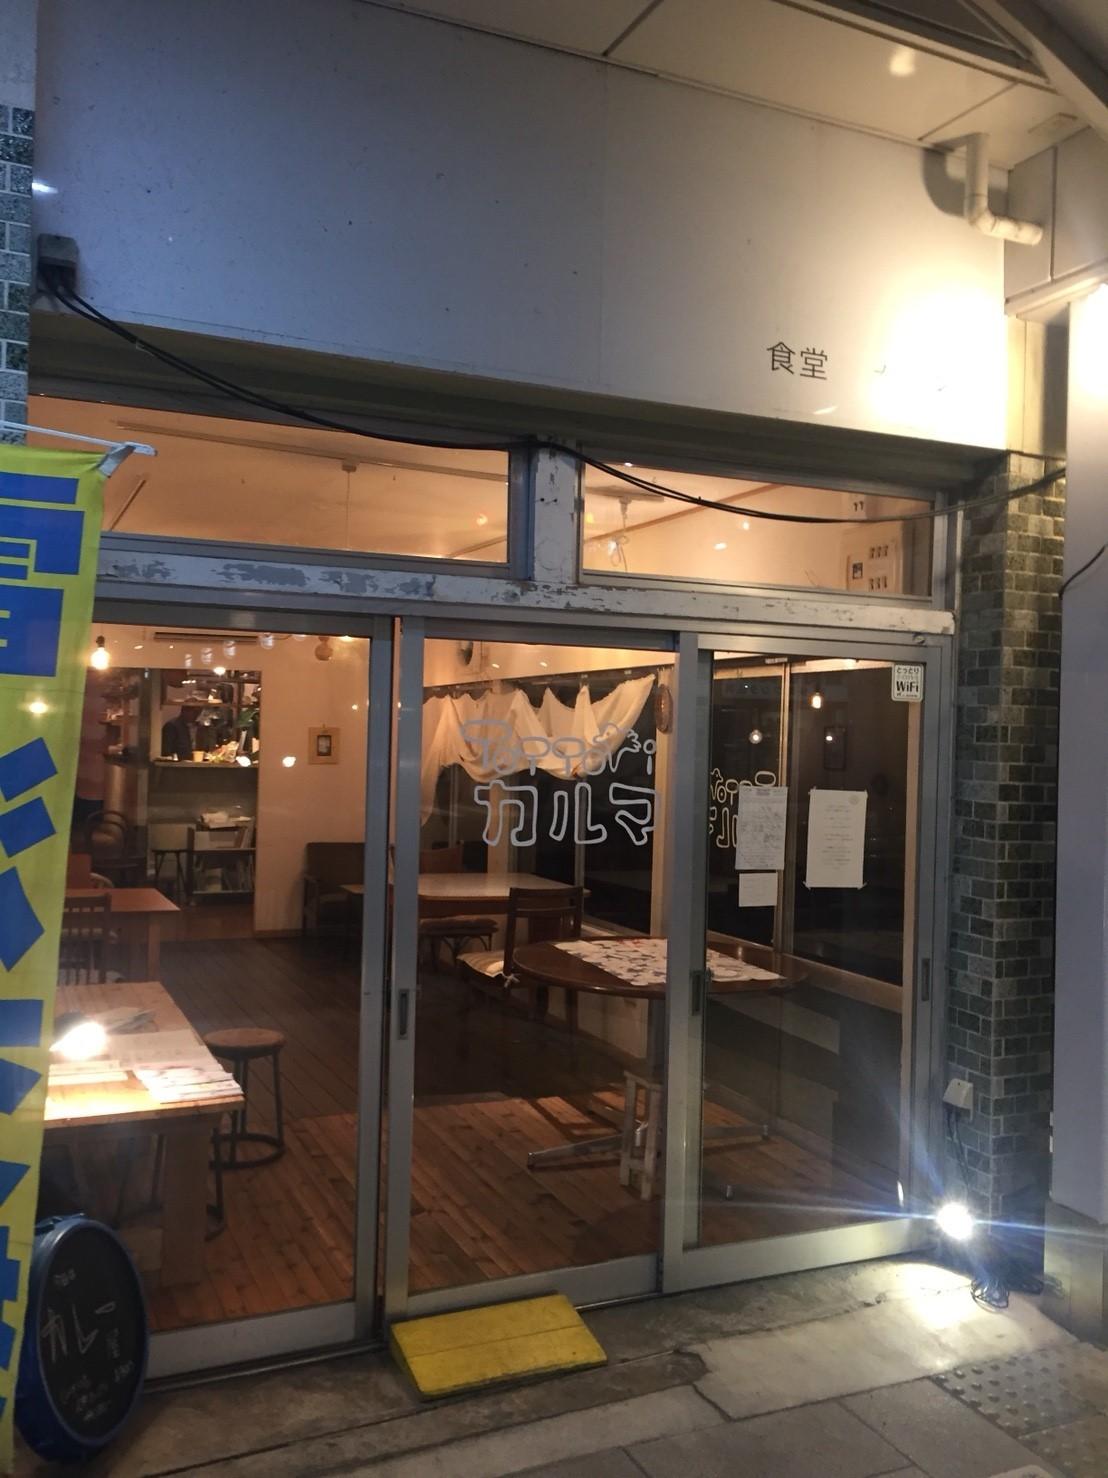 Tottoriカルマ まるなげ食堂 カレー_e0115904_01023774.jpg